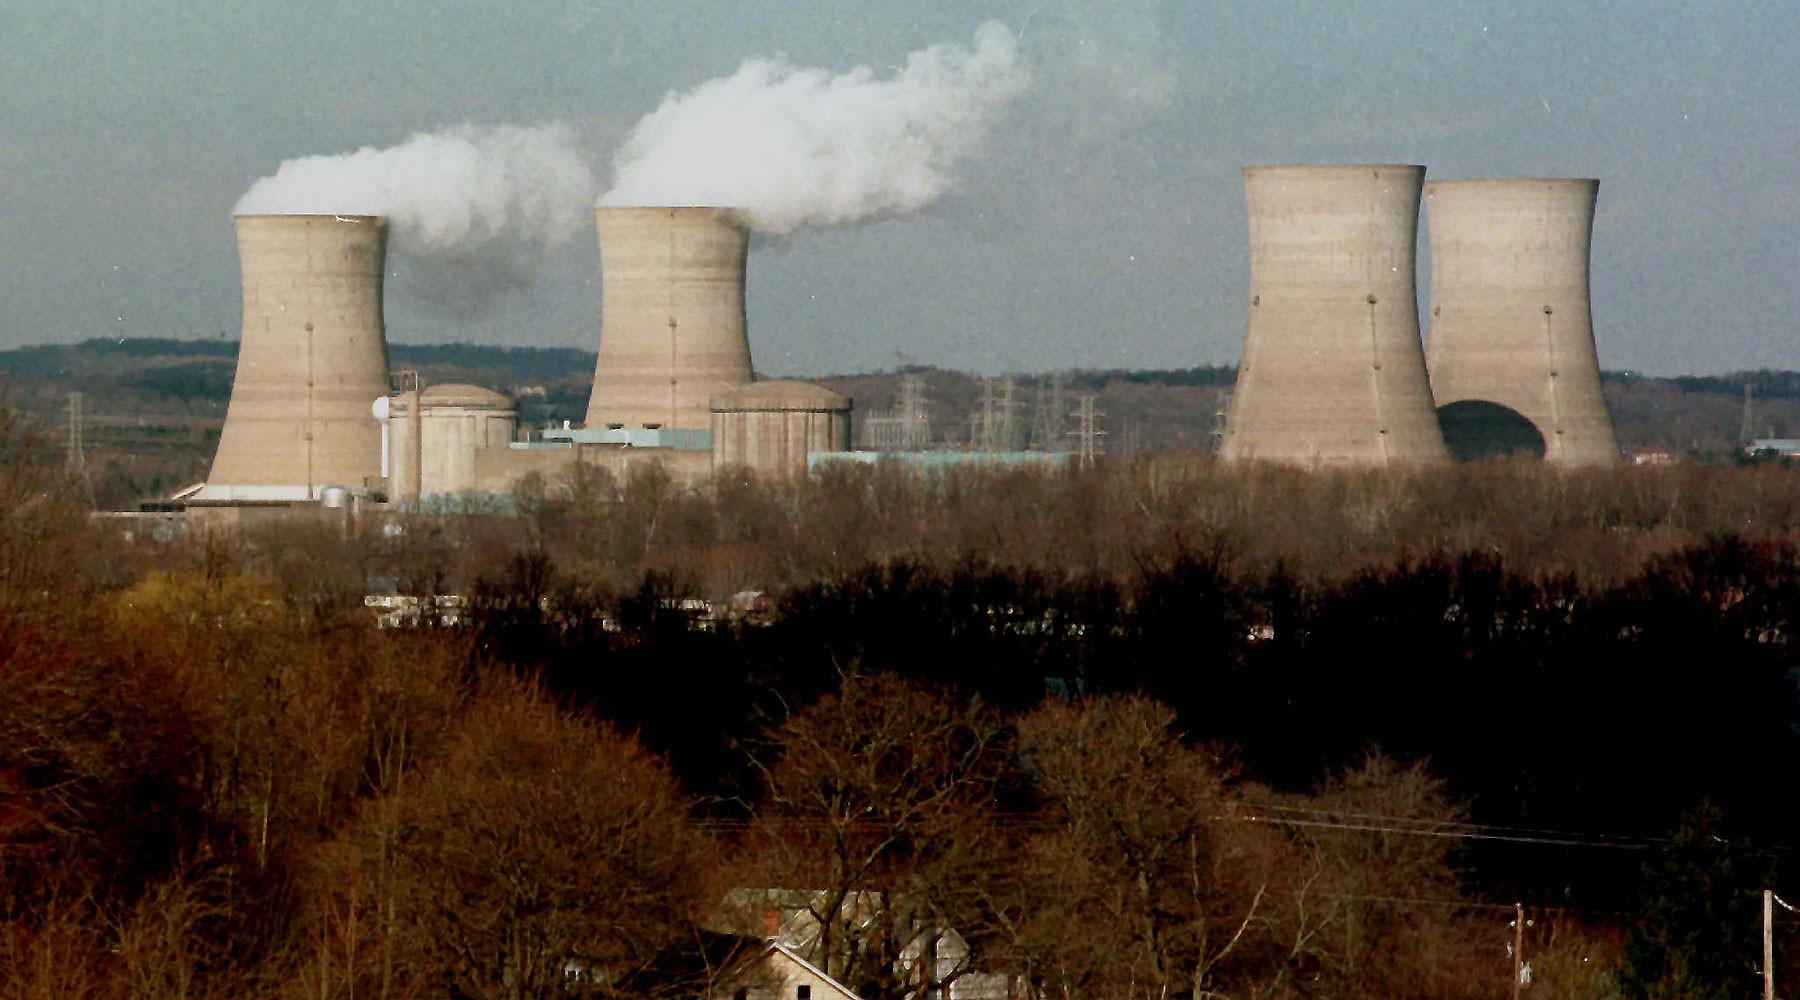 Штаты готовы потратить $400 млн на обновление и развитие атомной энергетики страны